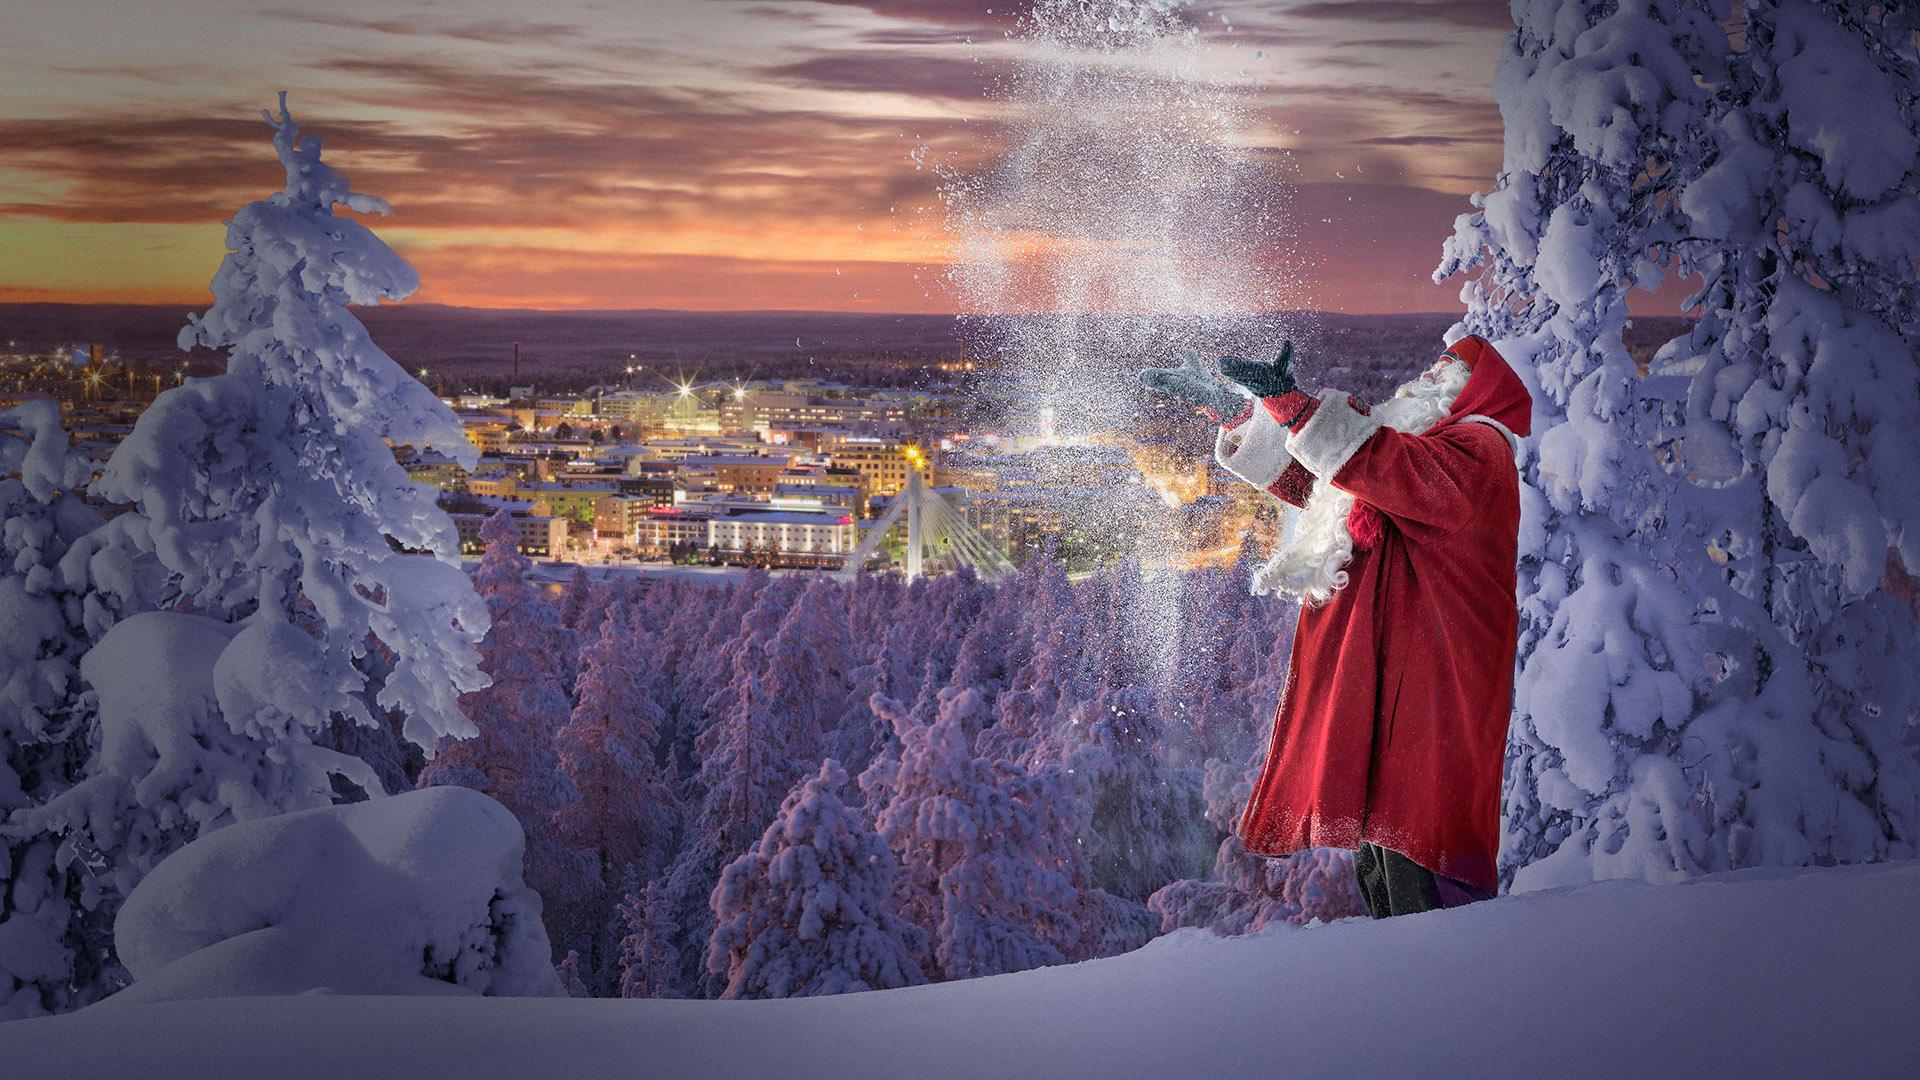 Χωριό του Άγιου Βασίλη / Λαπωνία / Ροβανιέμι - Χριστούγεννα / Πρωτοχρονιά